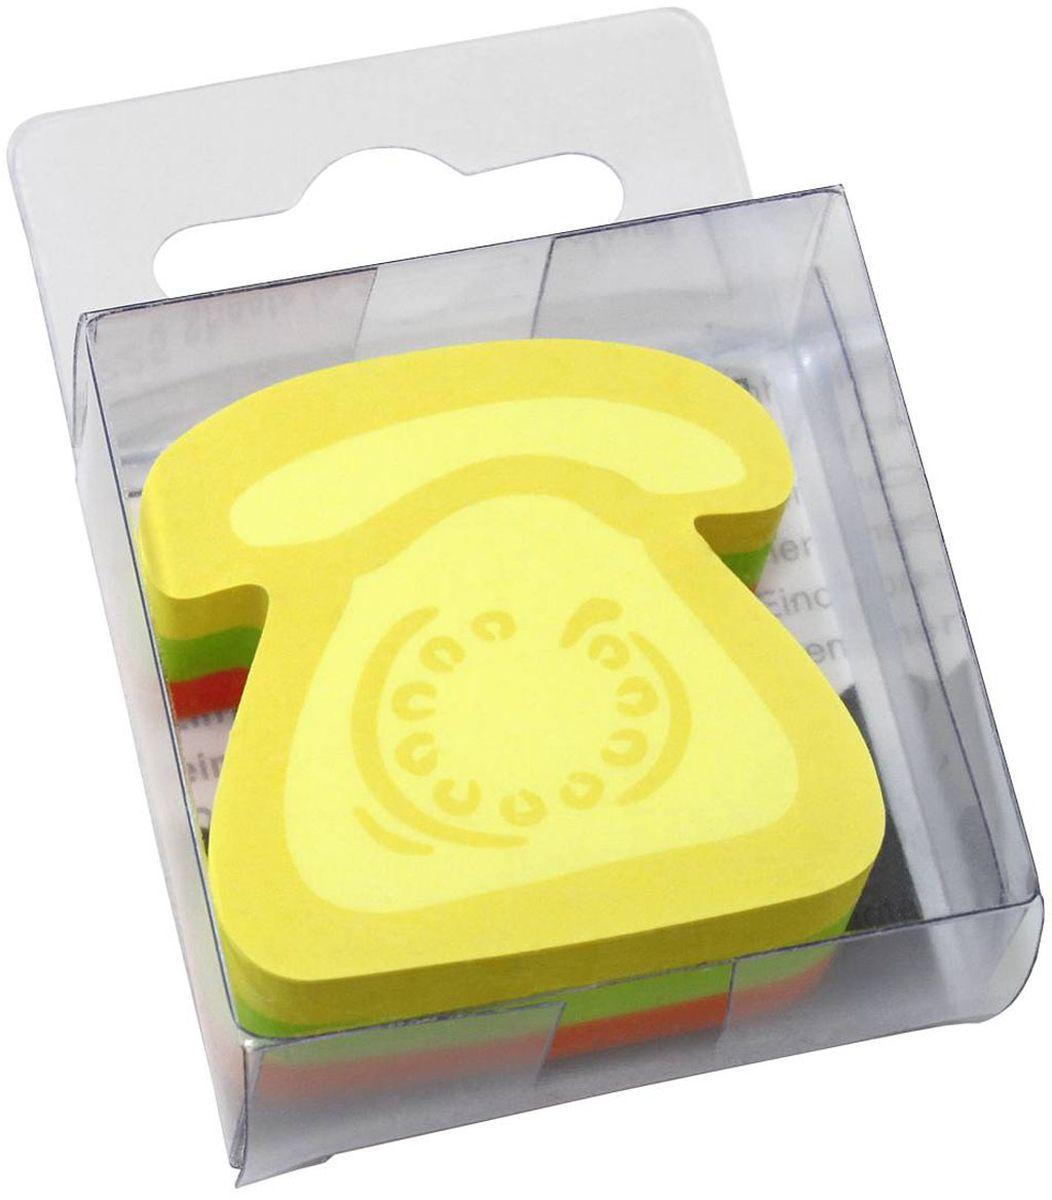 Global Notes Бумага для заметок с липким слоем Телефон 5 х 5 см 225 листов berlingo бумага для заметок c клеевым краем 7 6 х 7 6 см цвет зеленый 100 листов